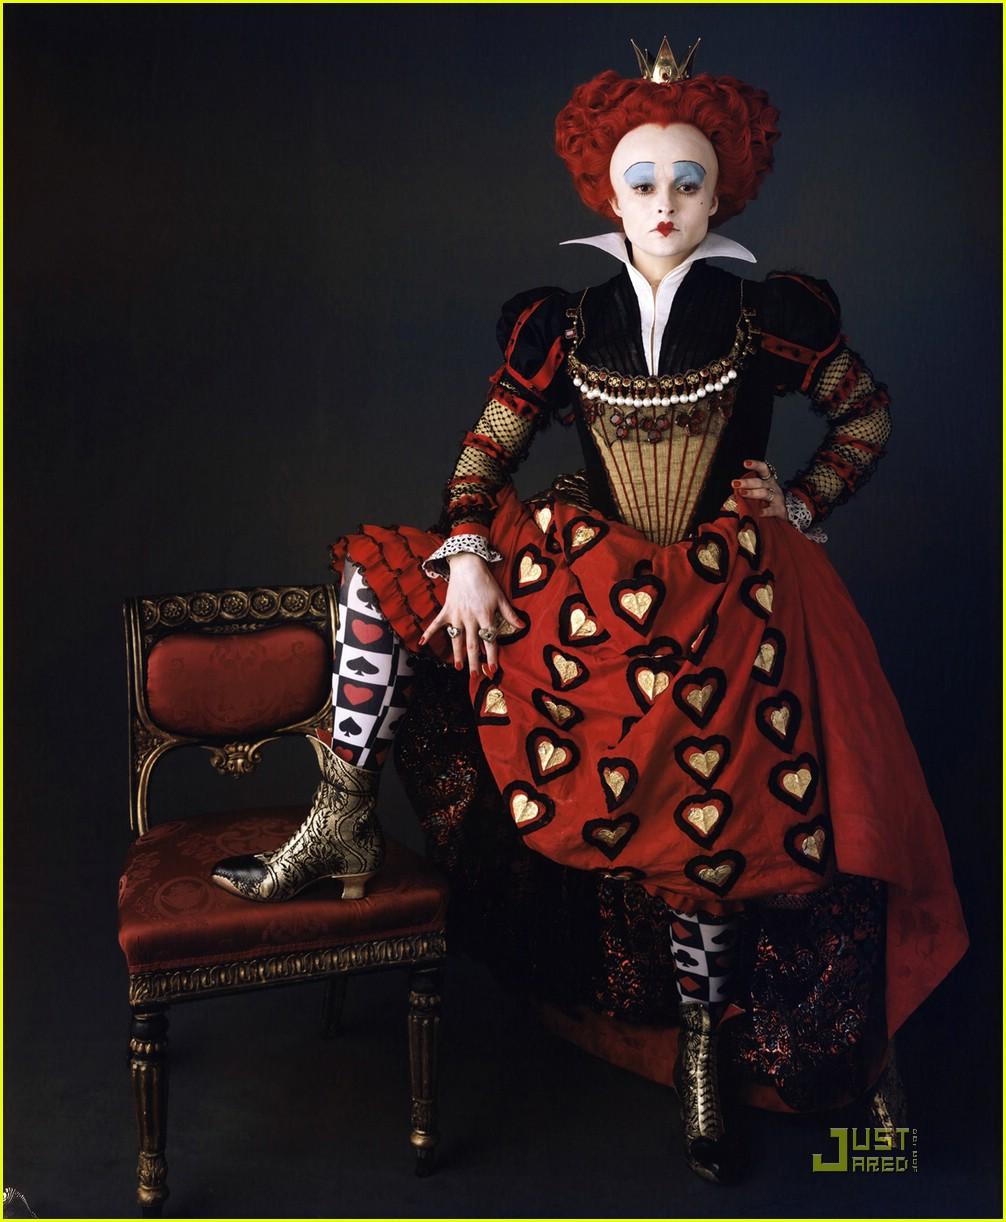 book memoirs of a geisha girl jpg 1080x810